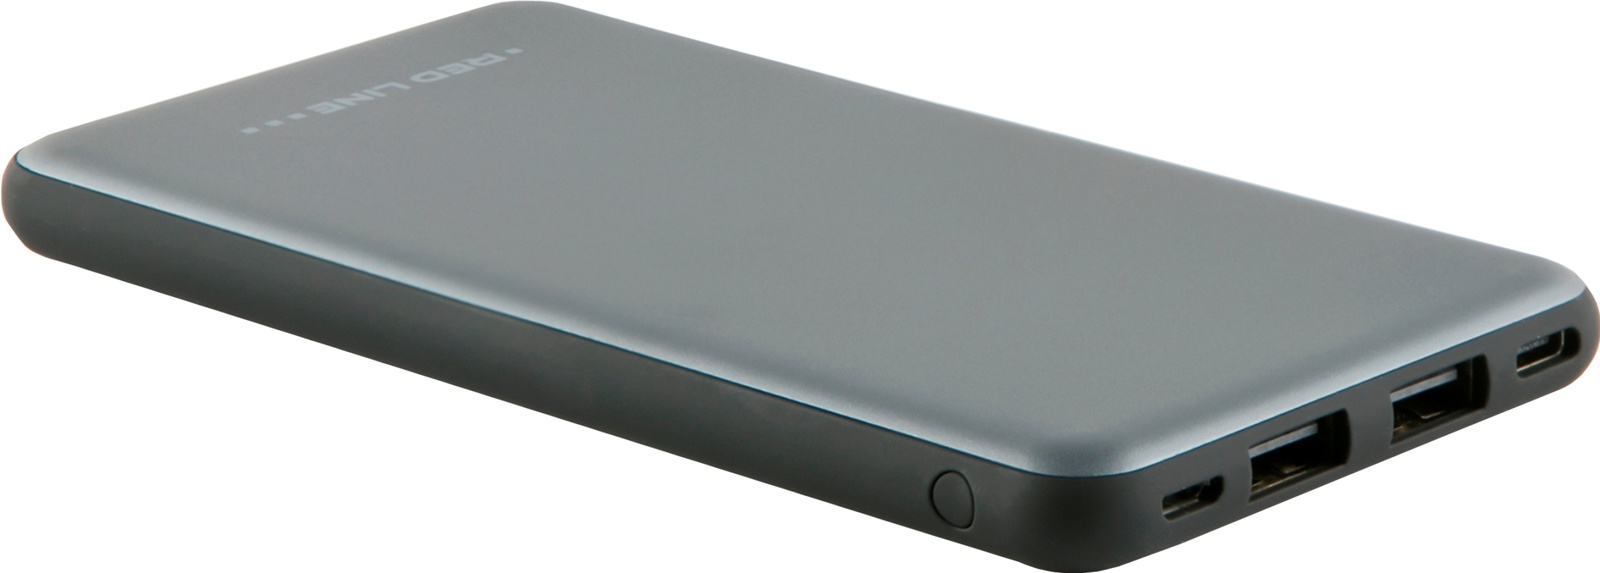 Внешний аккумулятор Red Line M2, УТ000015518 2600mah power bank usb блок батарей 2 0 порты usb литий полимерный аккумулятор внешний аккумулятор для смартфонов светло зеленый